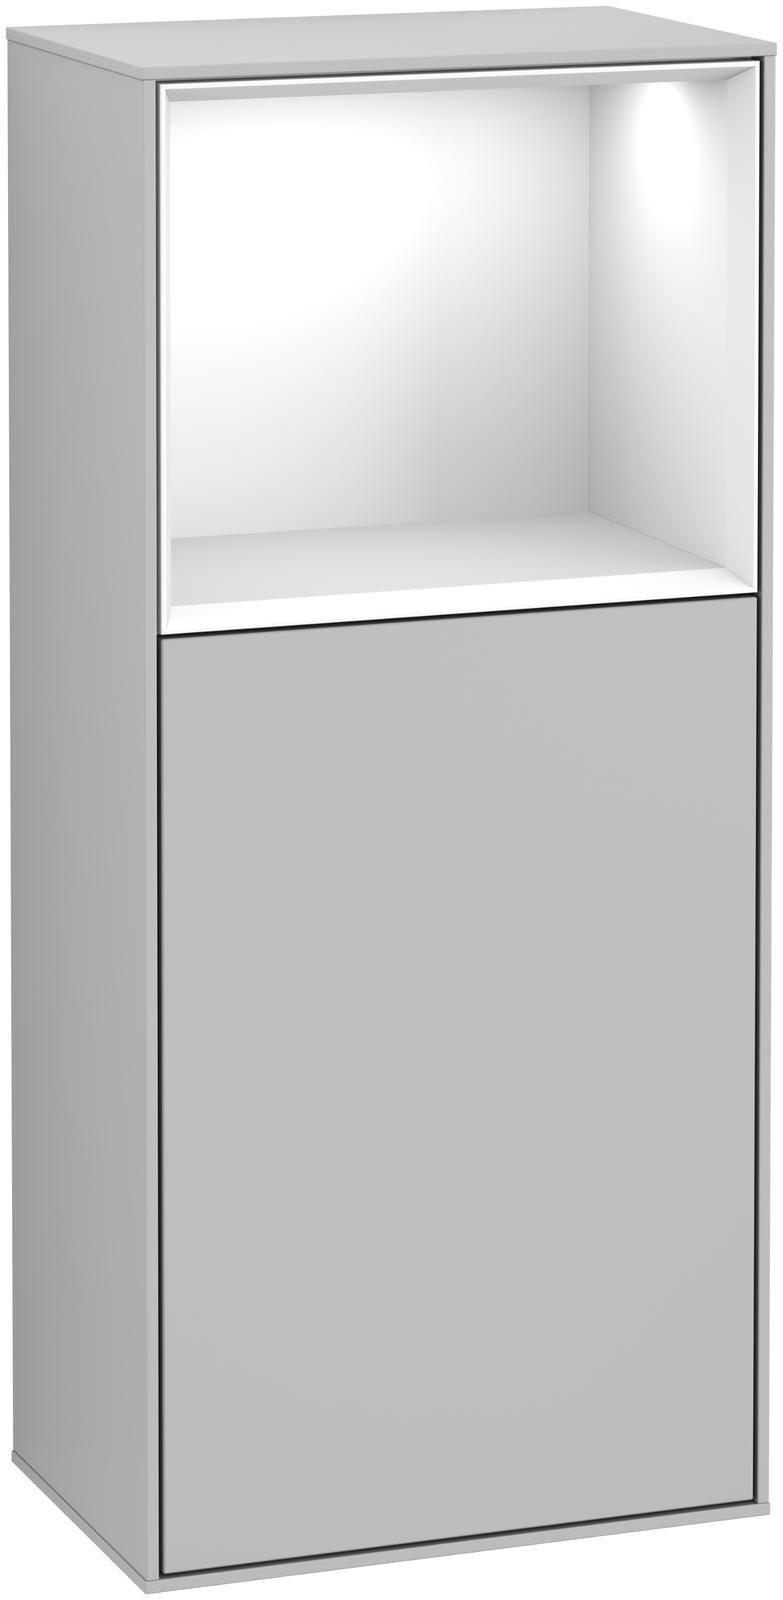 Villeroy & Boch Finion G50 Seitenschrank mit Regalelement 1 Tür Anschlag links LED-Beleuchtung B:41,8xH:93,6xT:27cm Front, Korpus: Light Grey Matt, Regal: Glossy White Lack G500GFGJ